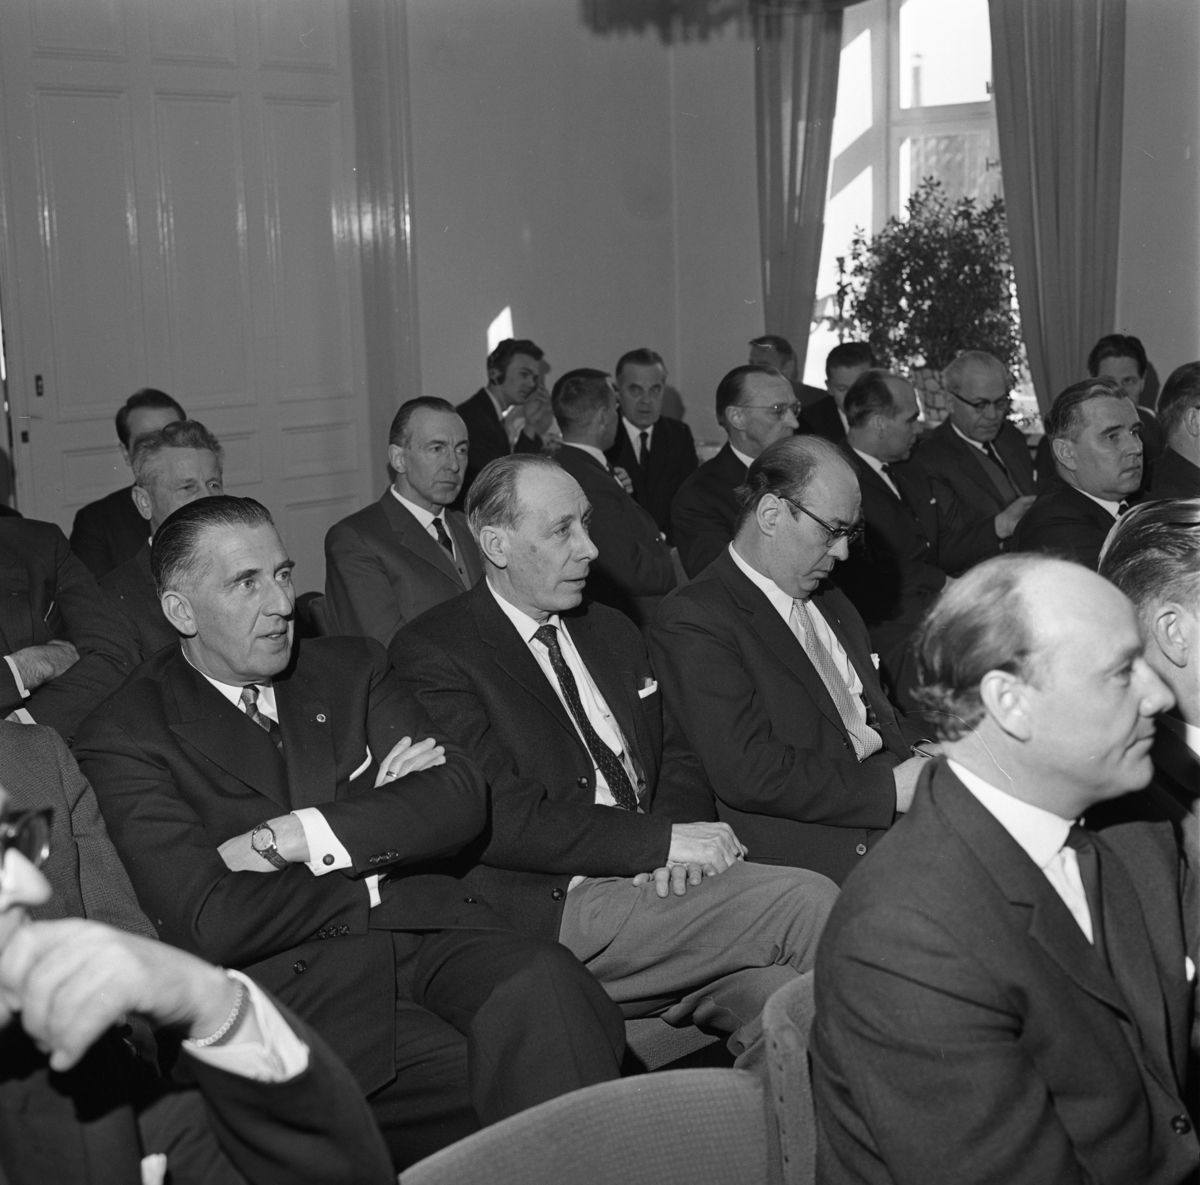 Företagarkonferens i Stadskällarens festvåning. Deltagare från Arboga och Köping. Läderhandlare Valter Allvin, med armarna i kors. Längst bort i hörnet ses Gustav Danielsson. Nils Brodin ses till höger i bild.